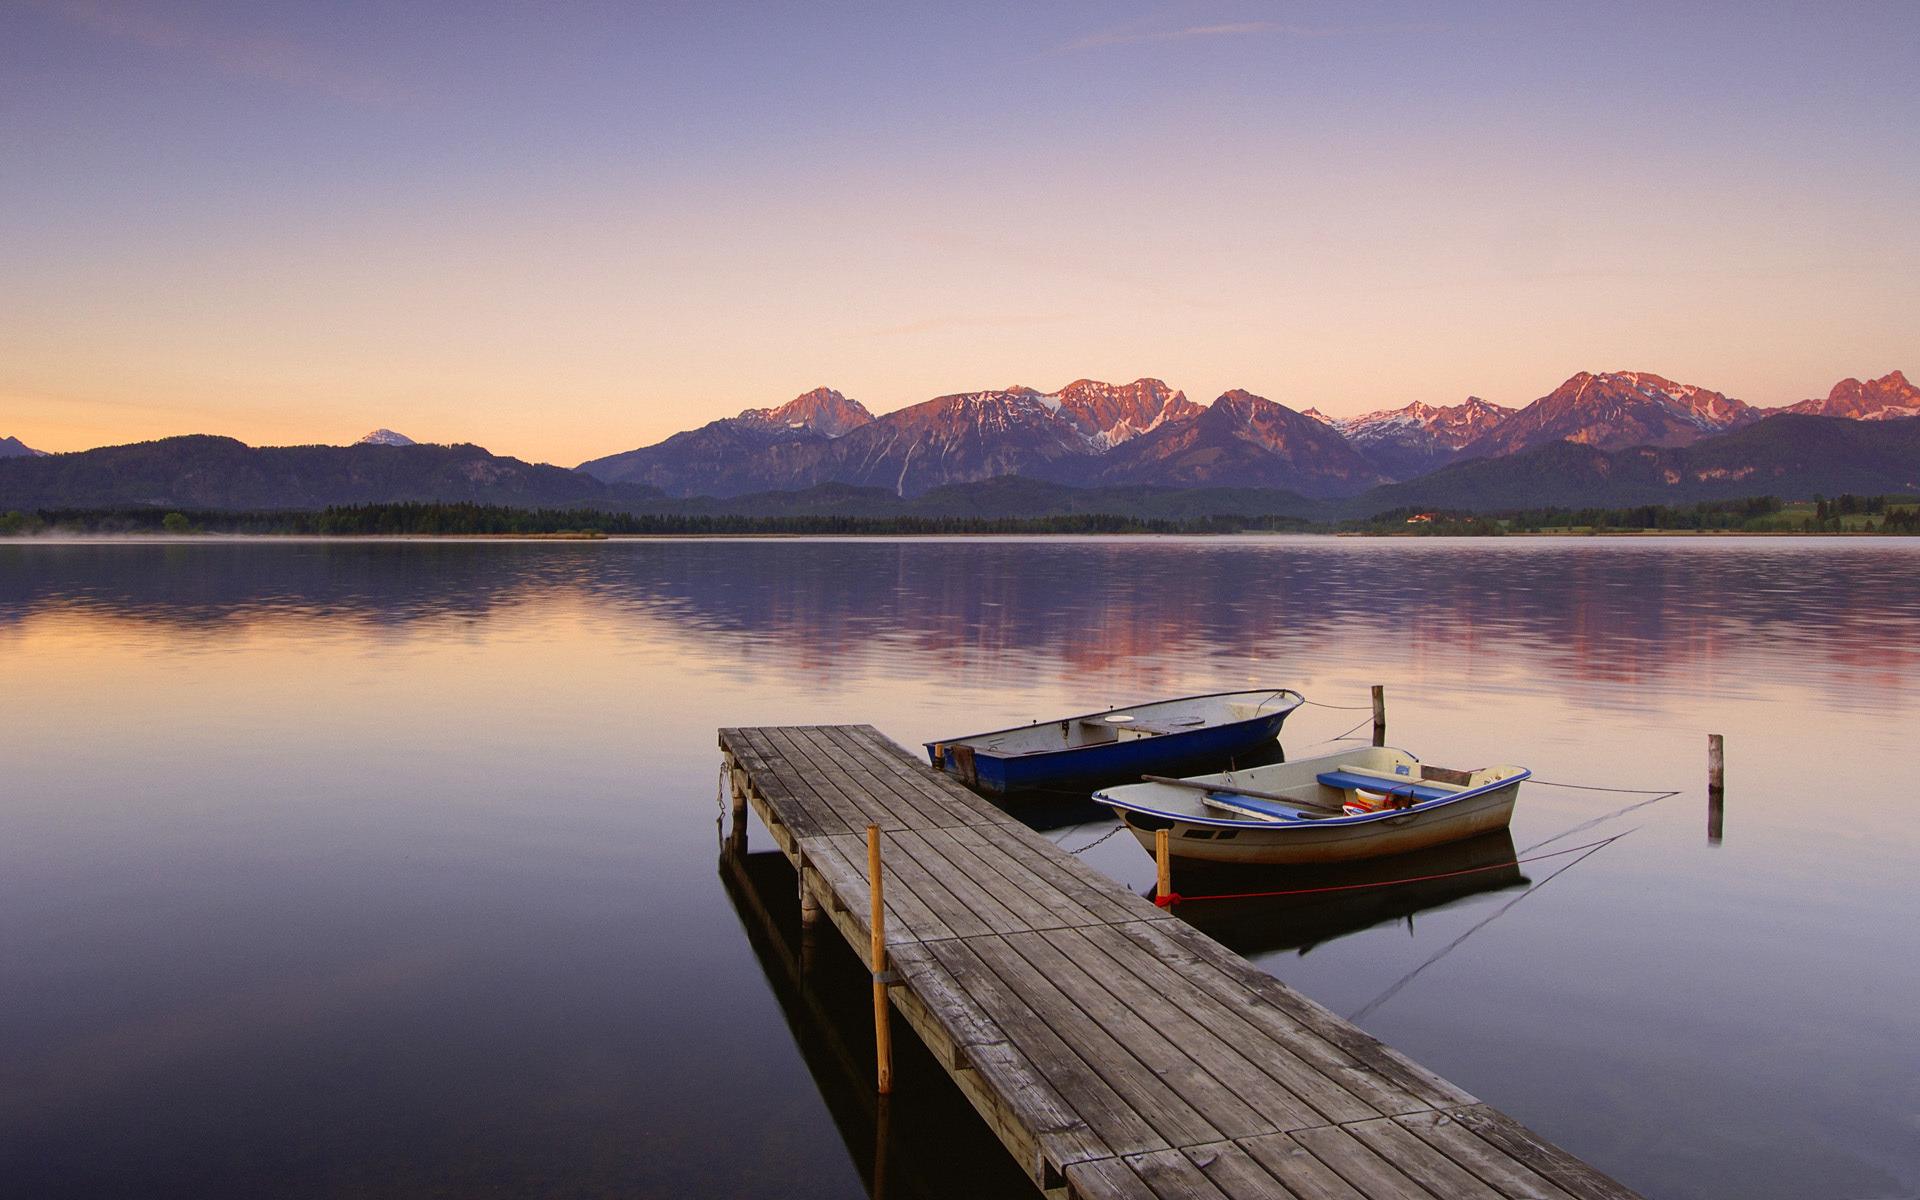 На лодке в горном озере  № 3062464 бесплатно